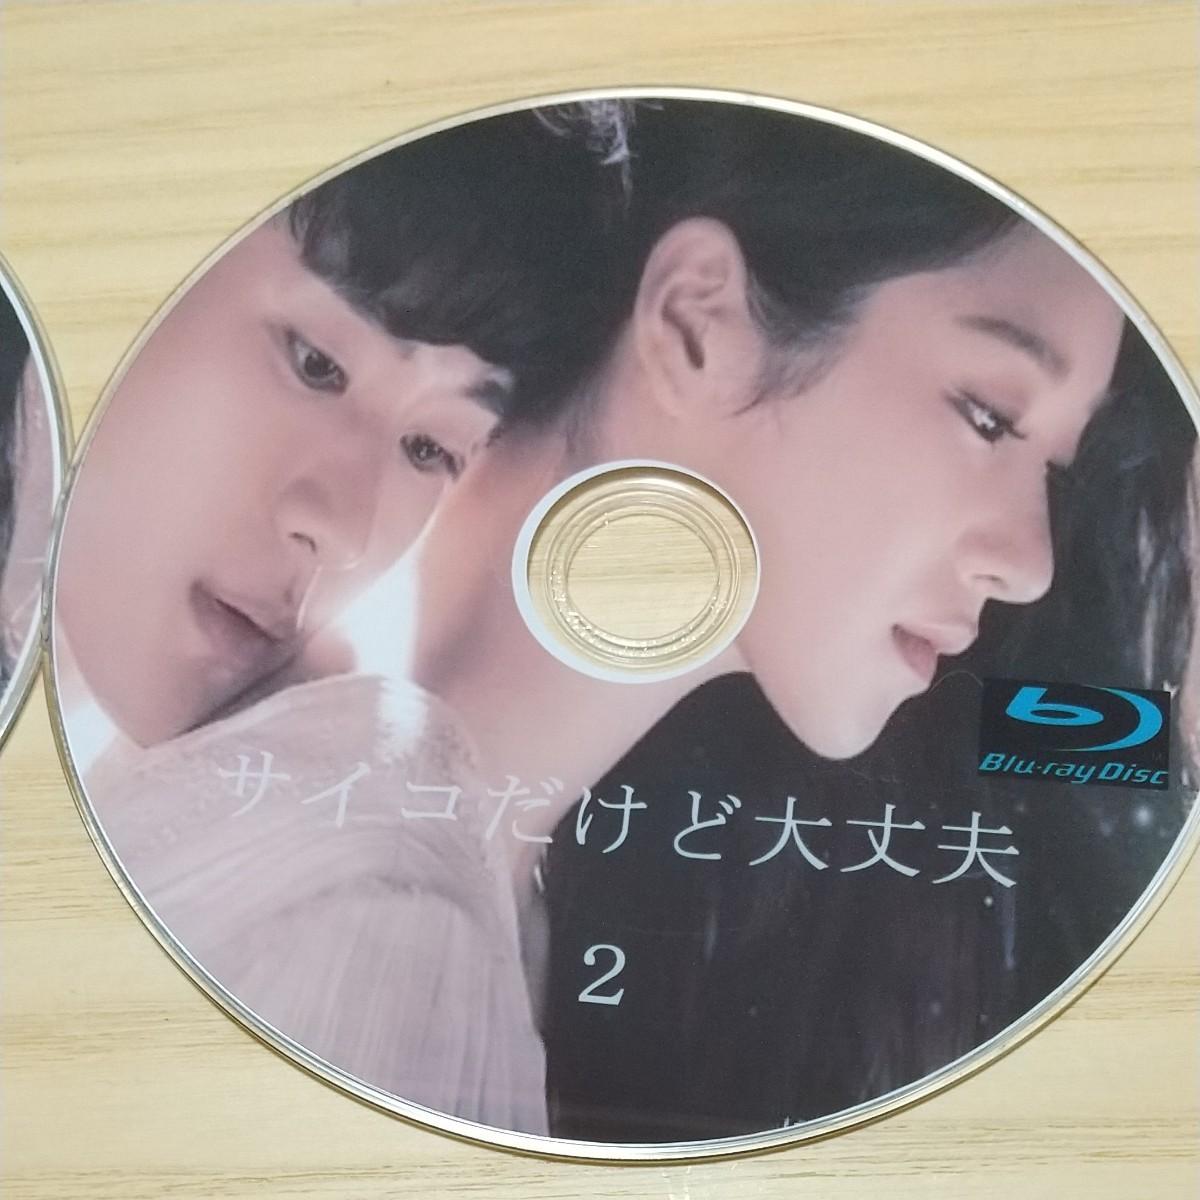 サイコだけど大丈夫 韓国ドラマ Blu-ray